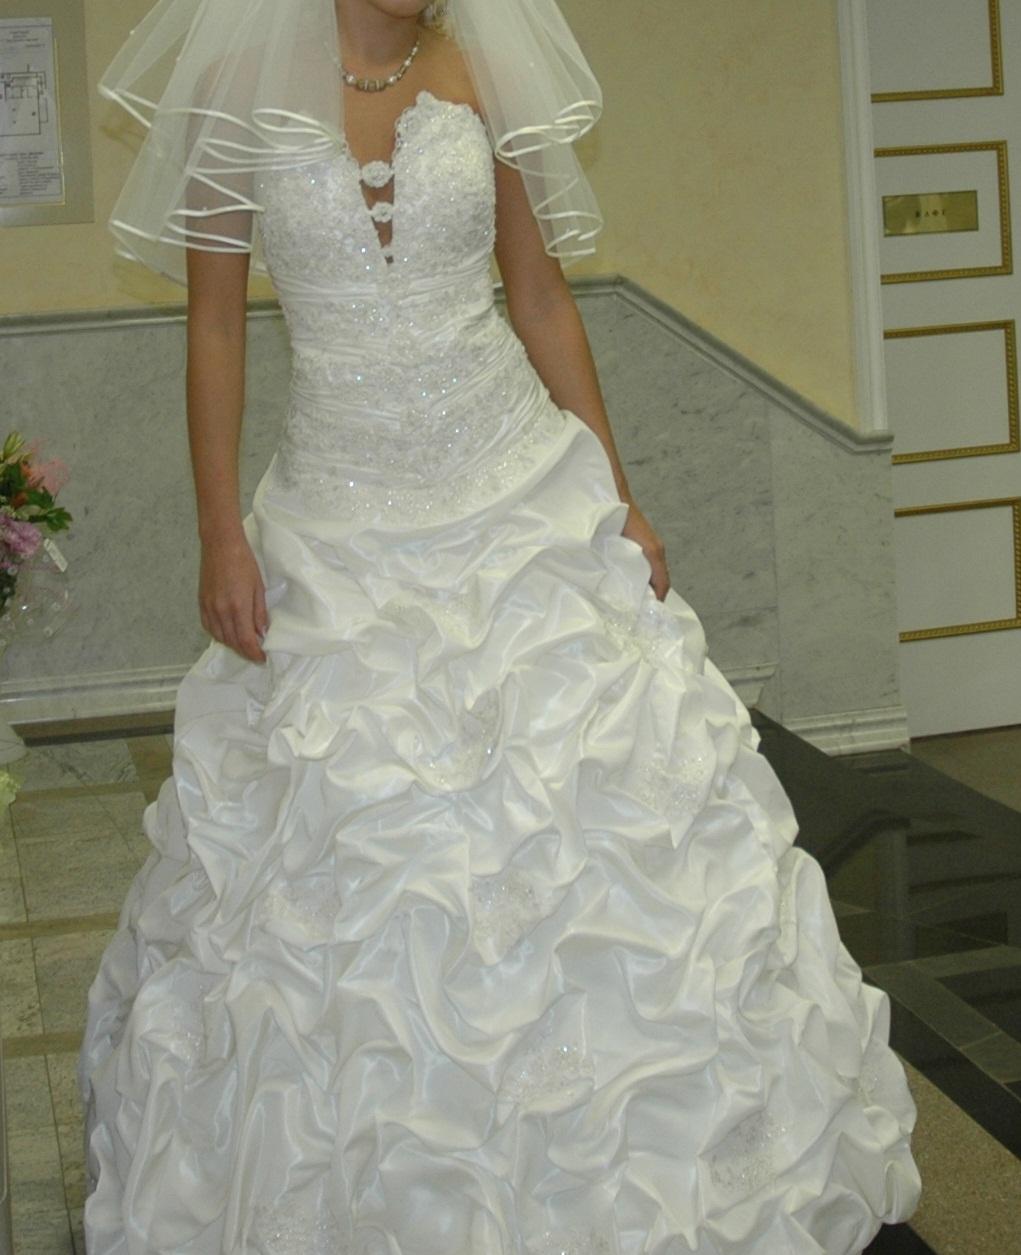 ЧЕРНАЯкошка 05-04-2011 22:18 Куплю свадебное платье не пышное по такой с